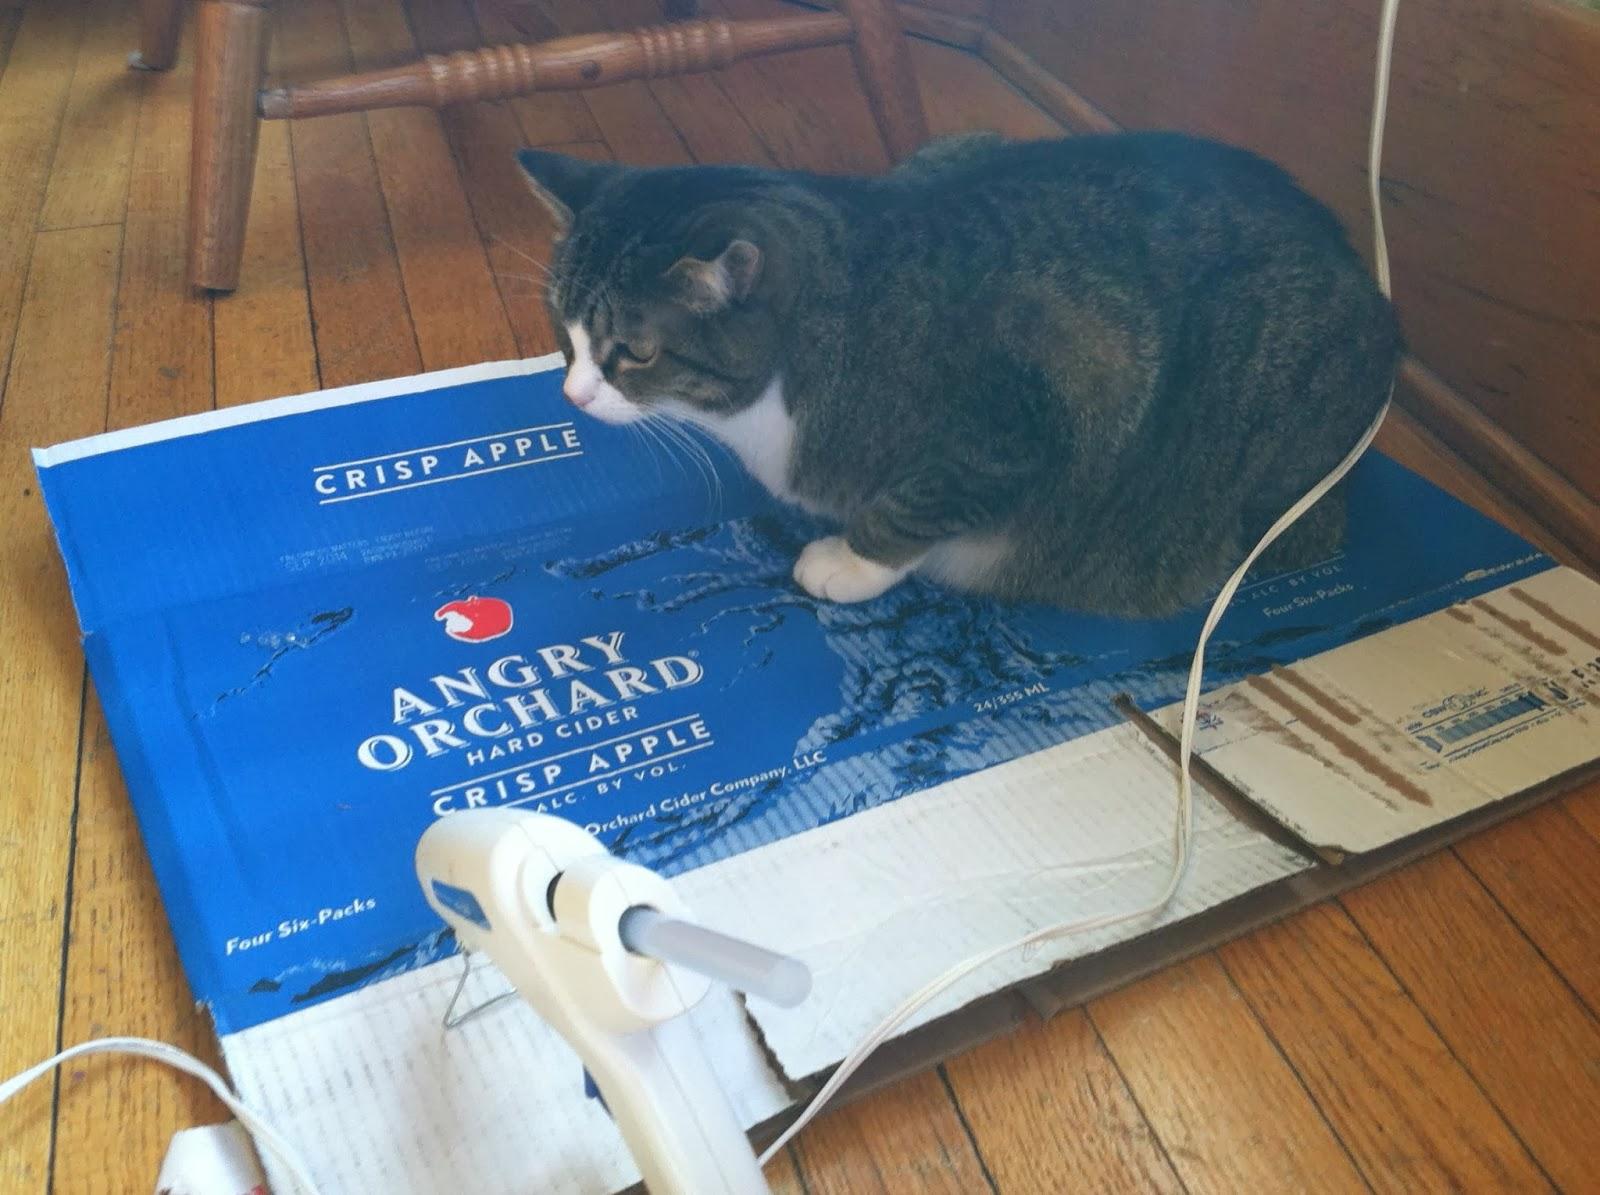 Cat and Hot Glue